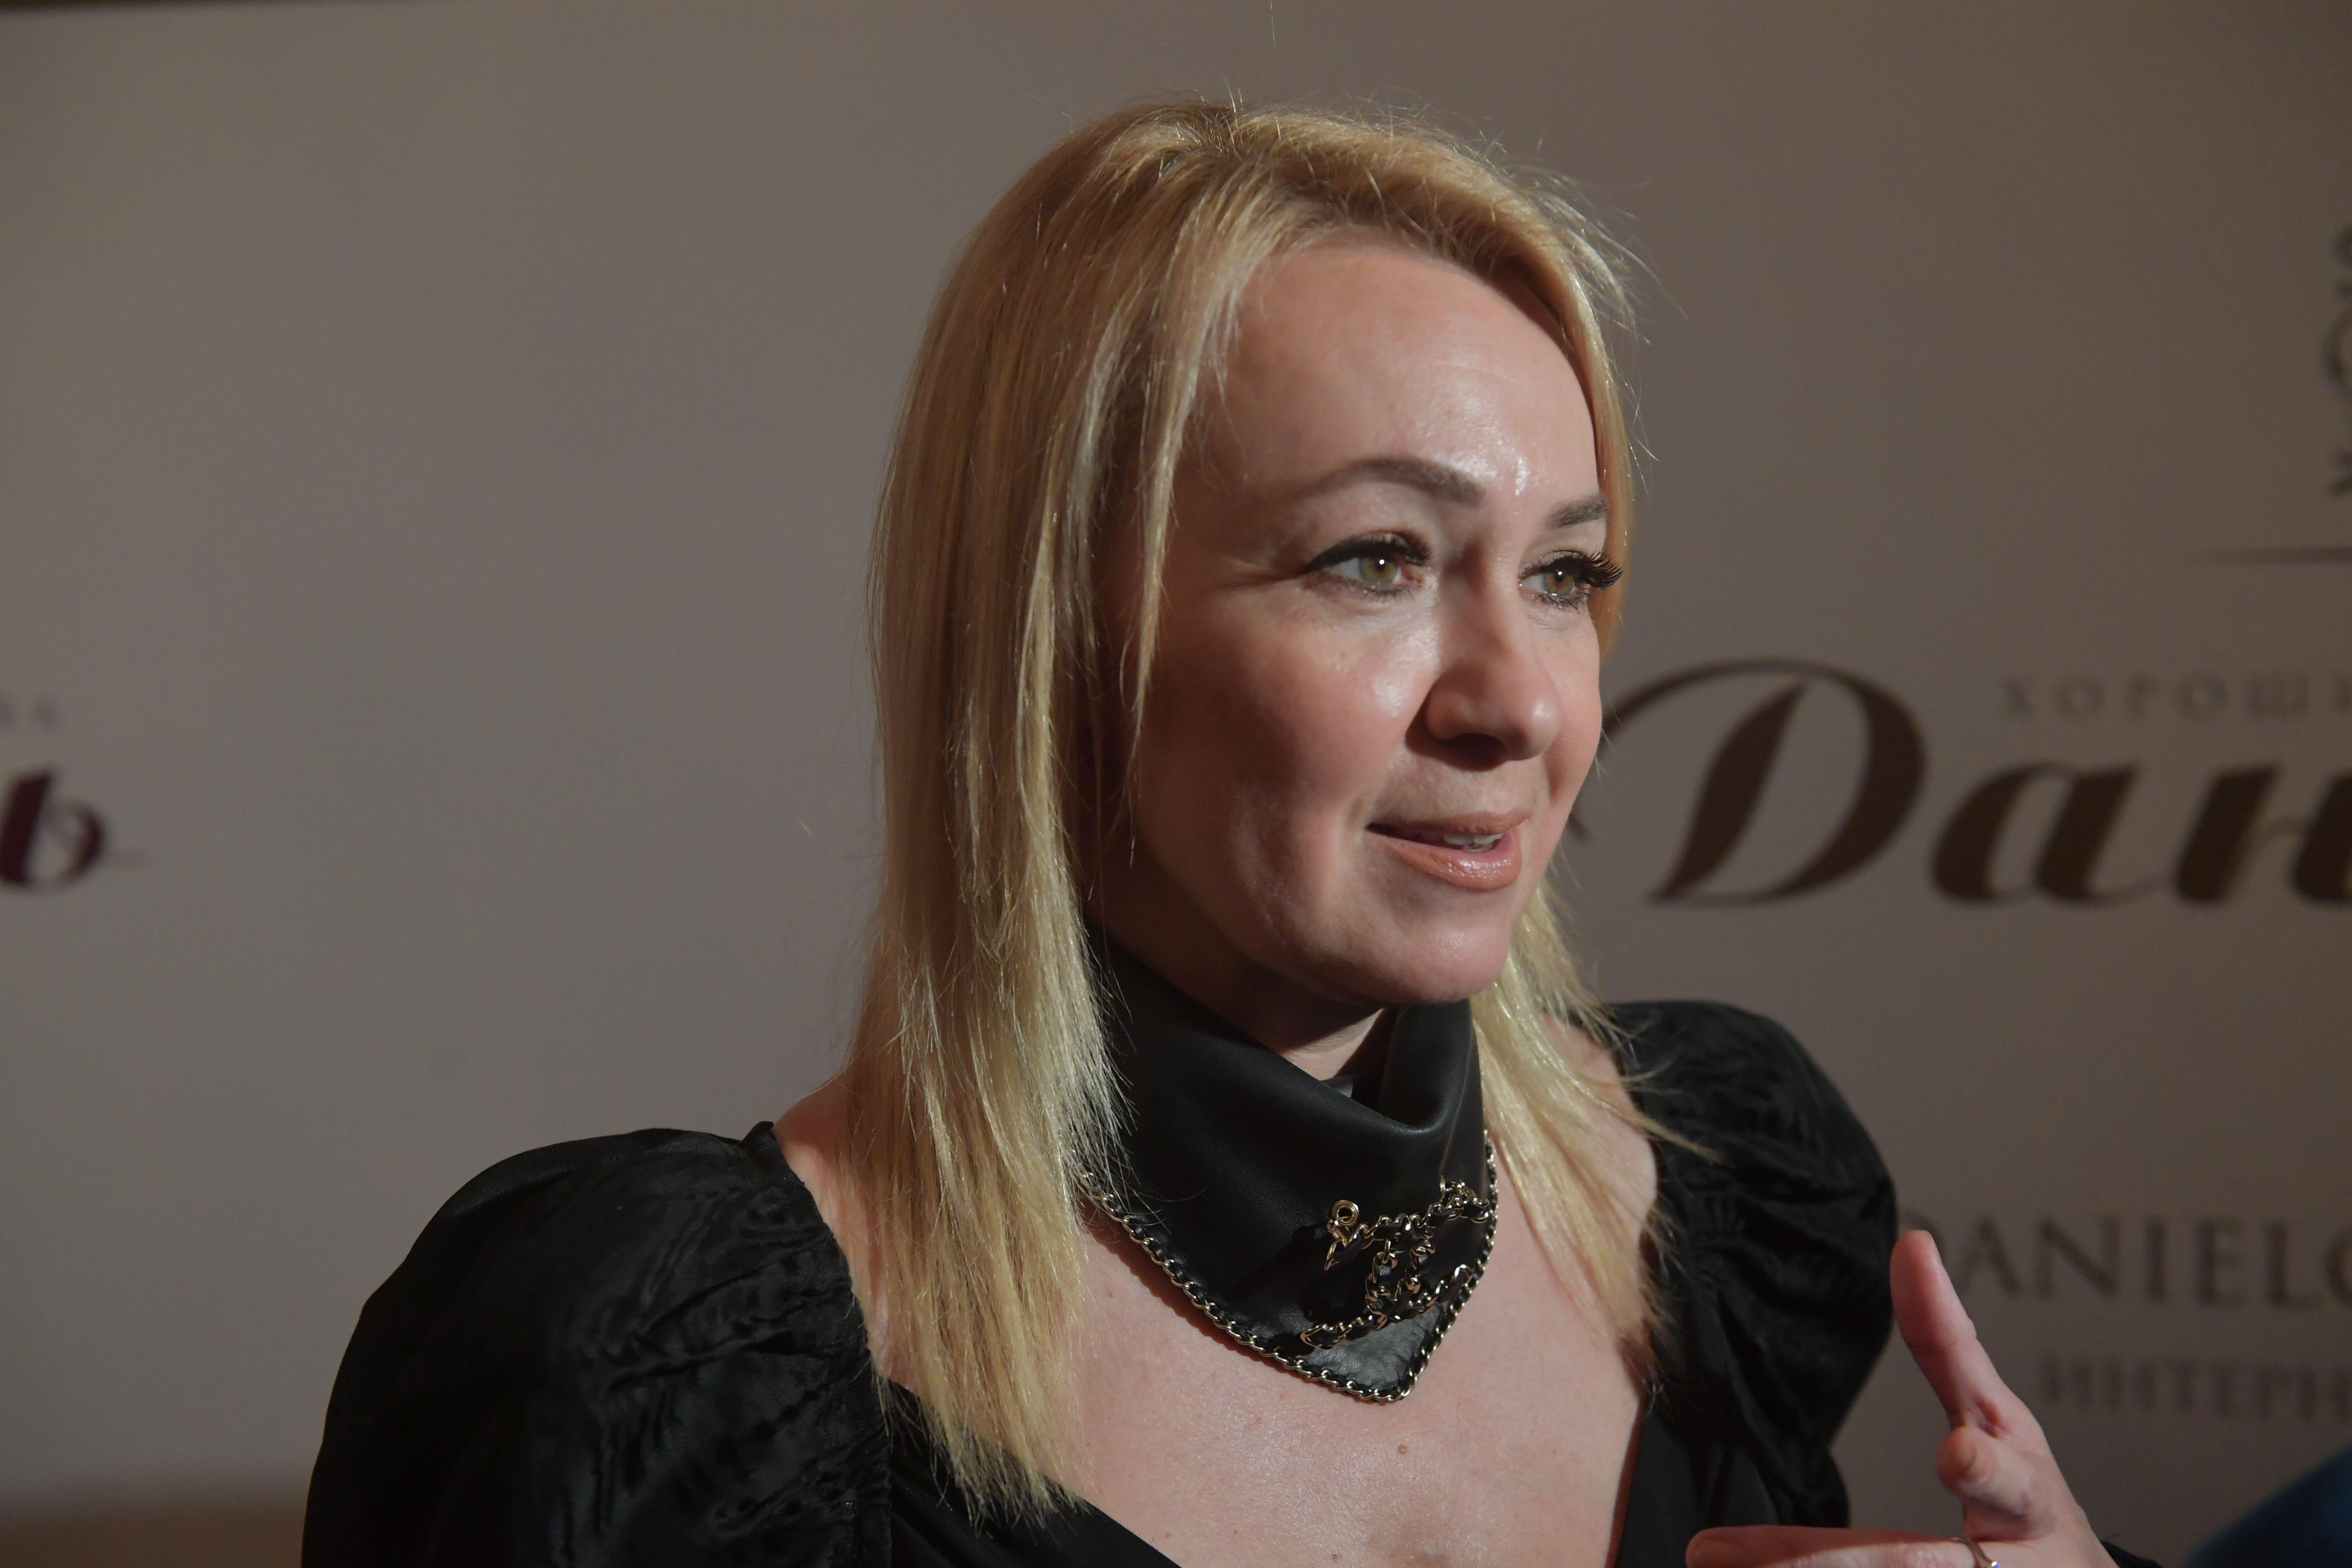 'Нас и тут неплохо кормят'. Жена Плющенко ответила на вопрос о переезде в другую страну